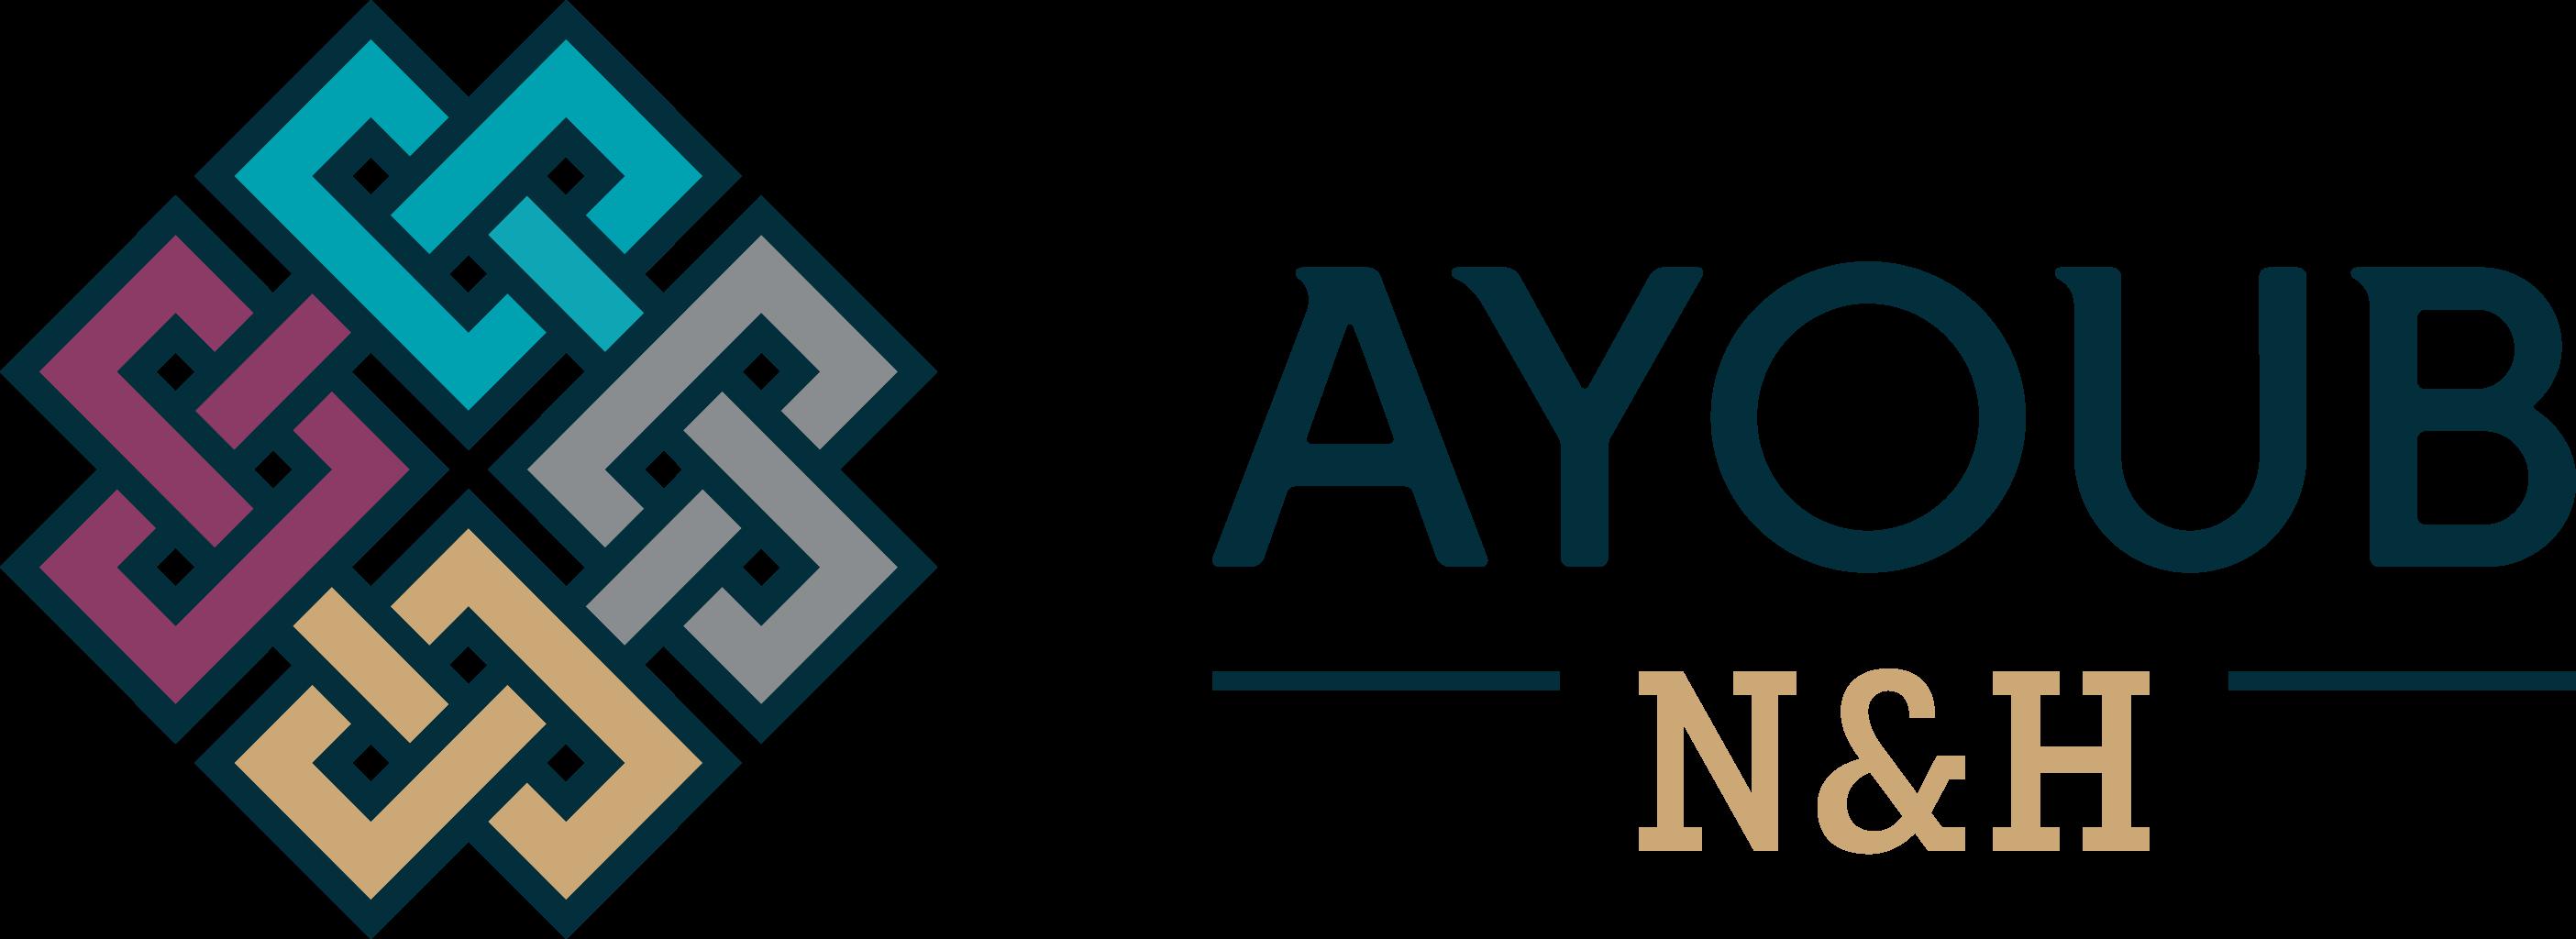 Ayoub N&H